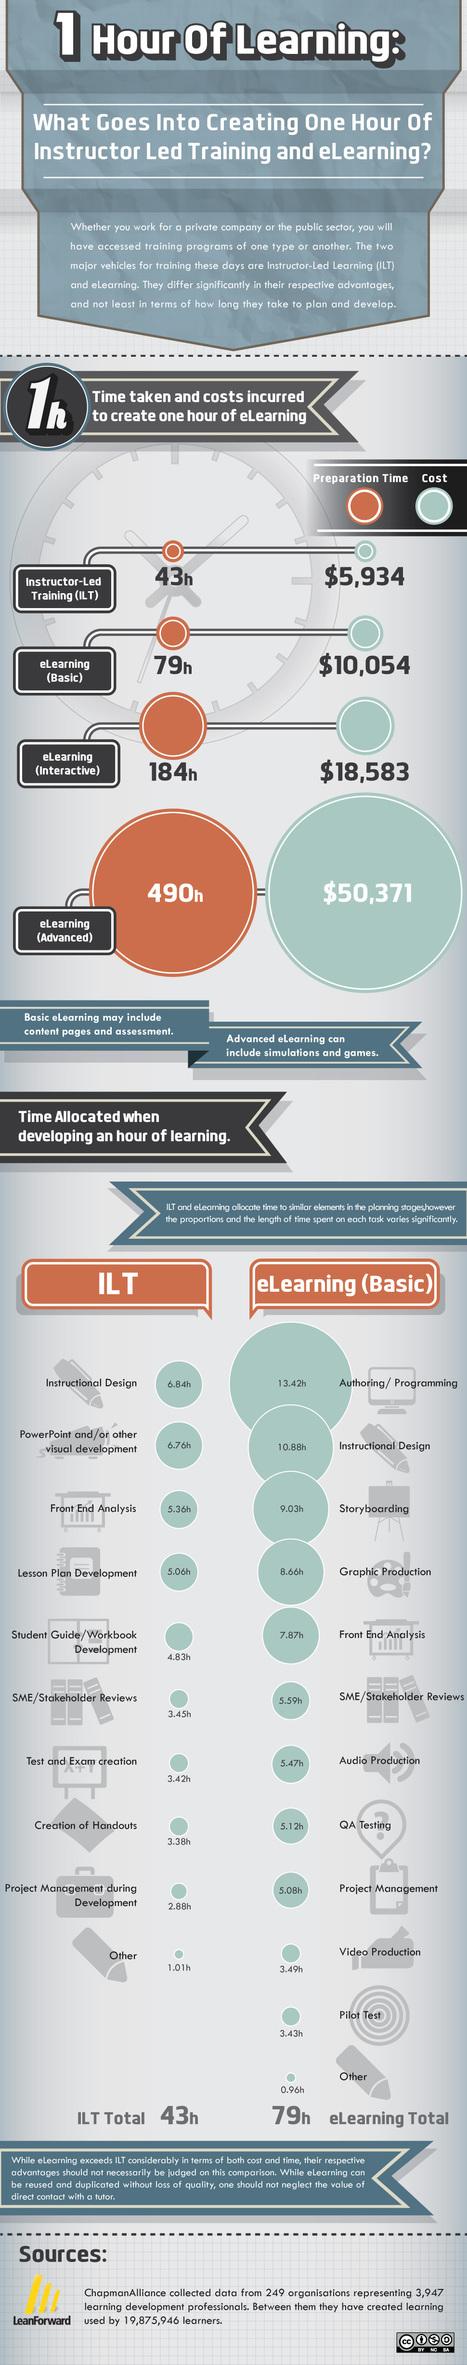 El verdadero coste de una hora de aprendizaje | Noticias, Recursos y Contenidos sobre Aprendizaje | Scoop.it